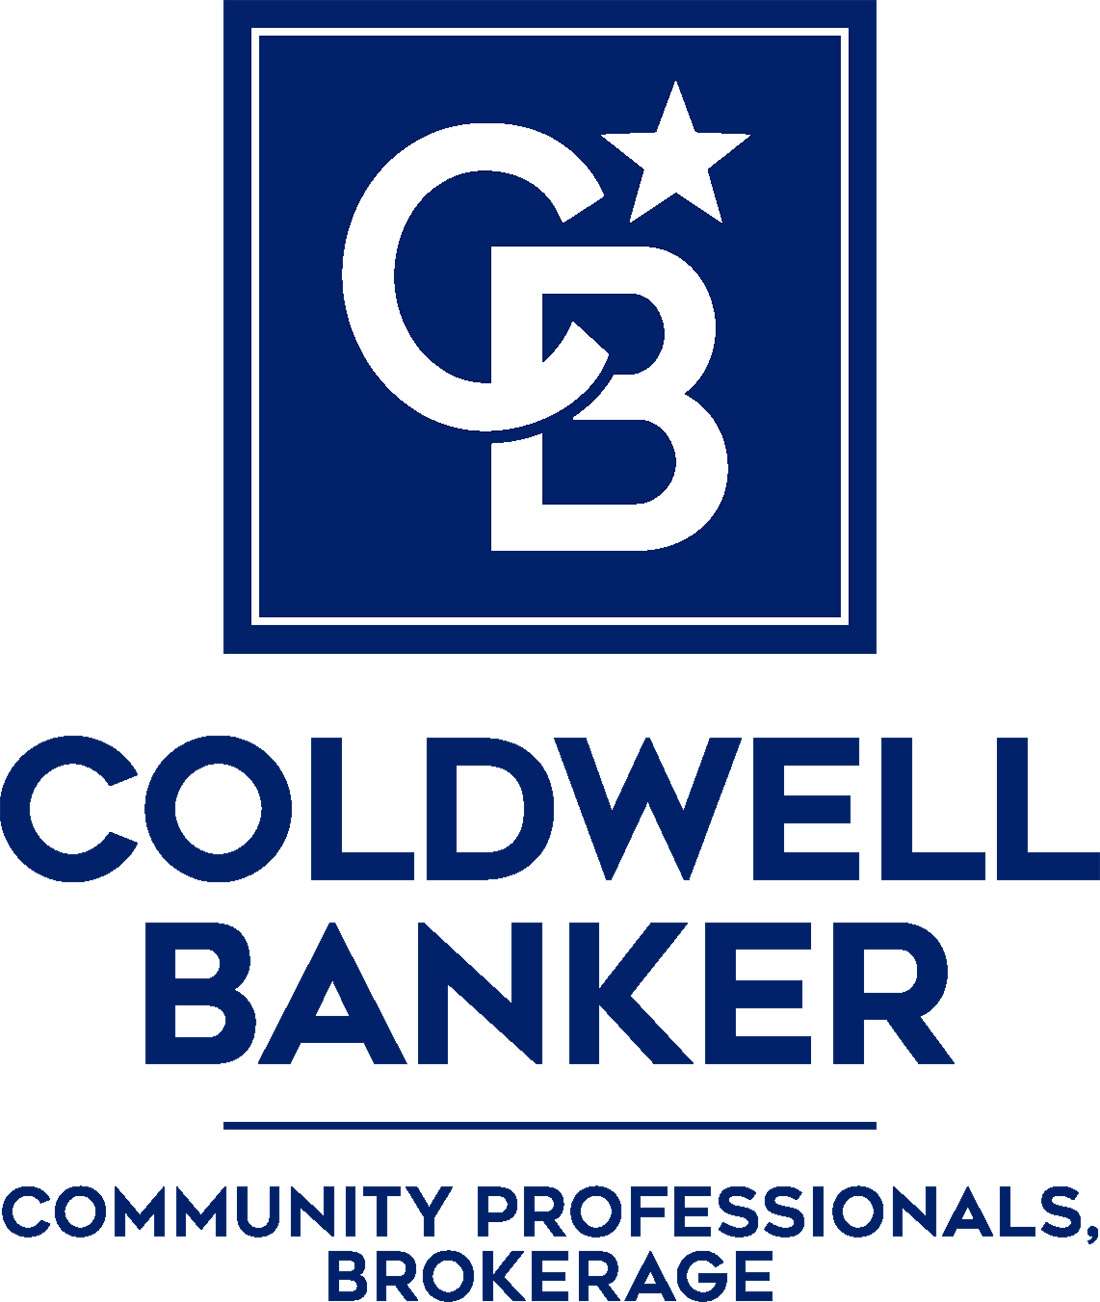 cbbp01 Logo